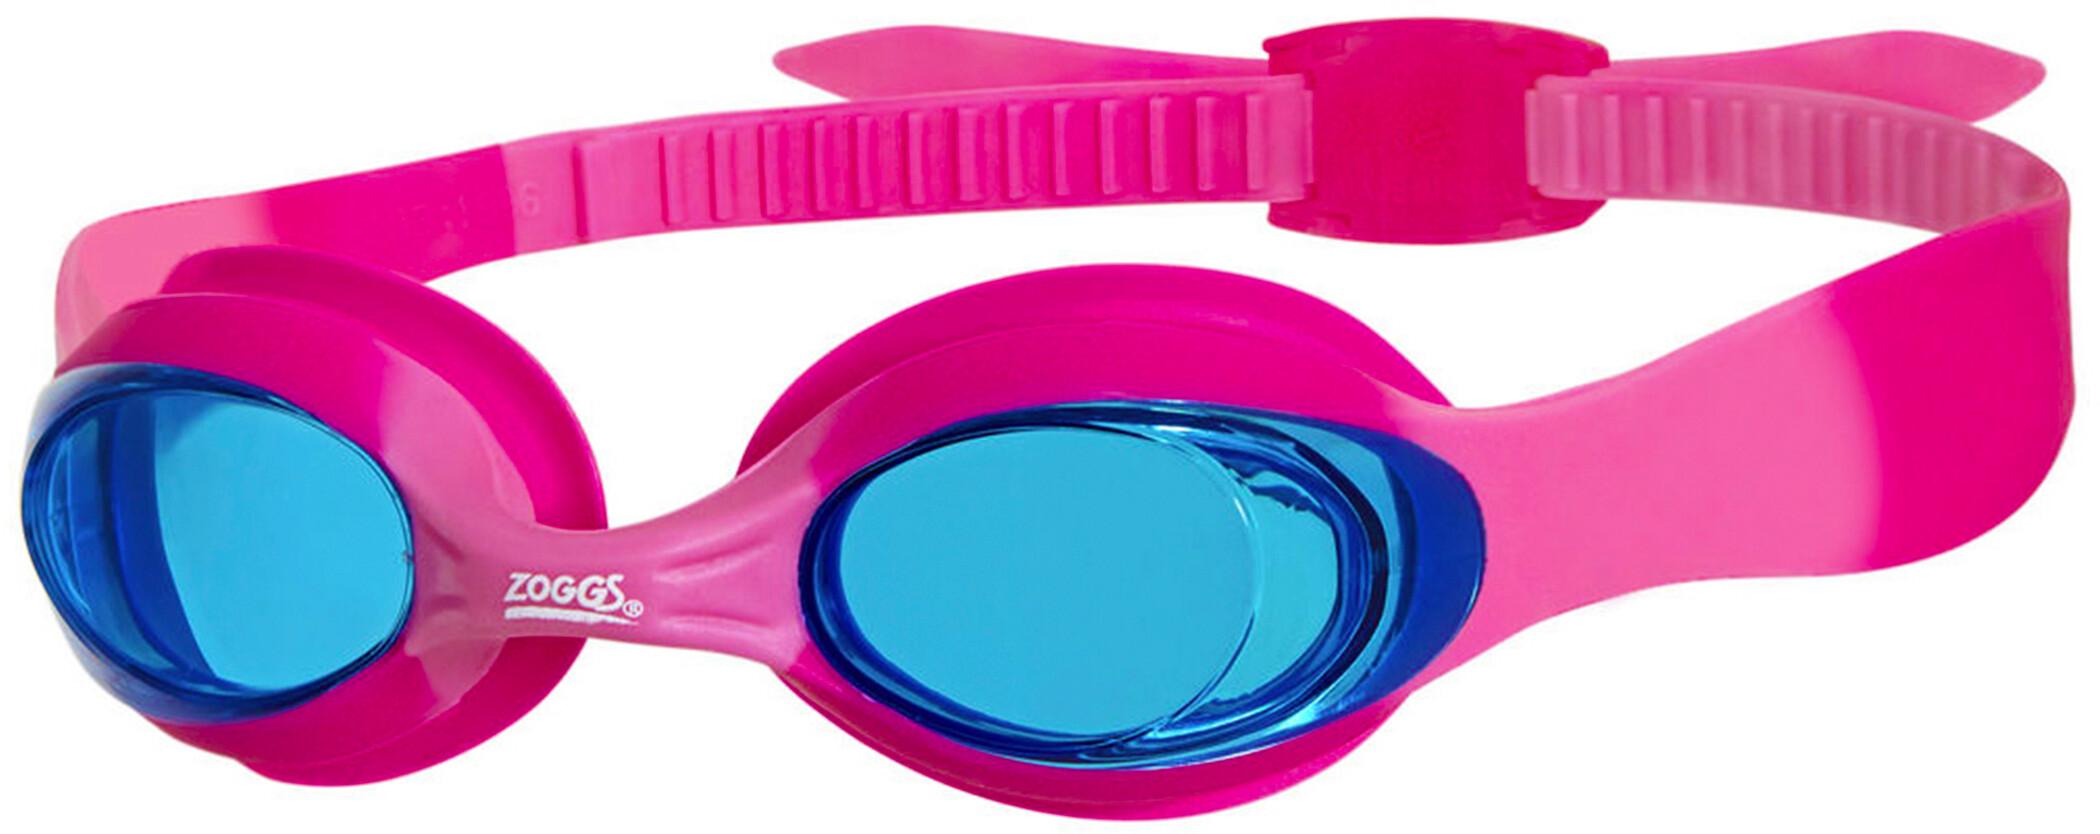 Zoggs Little Twist Svømmebriller Børn, pink/multi (2019) | swim_clothes